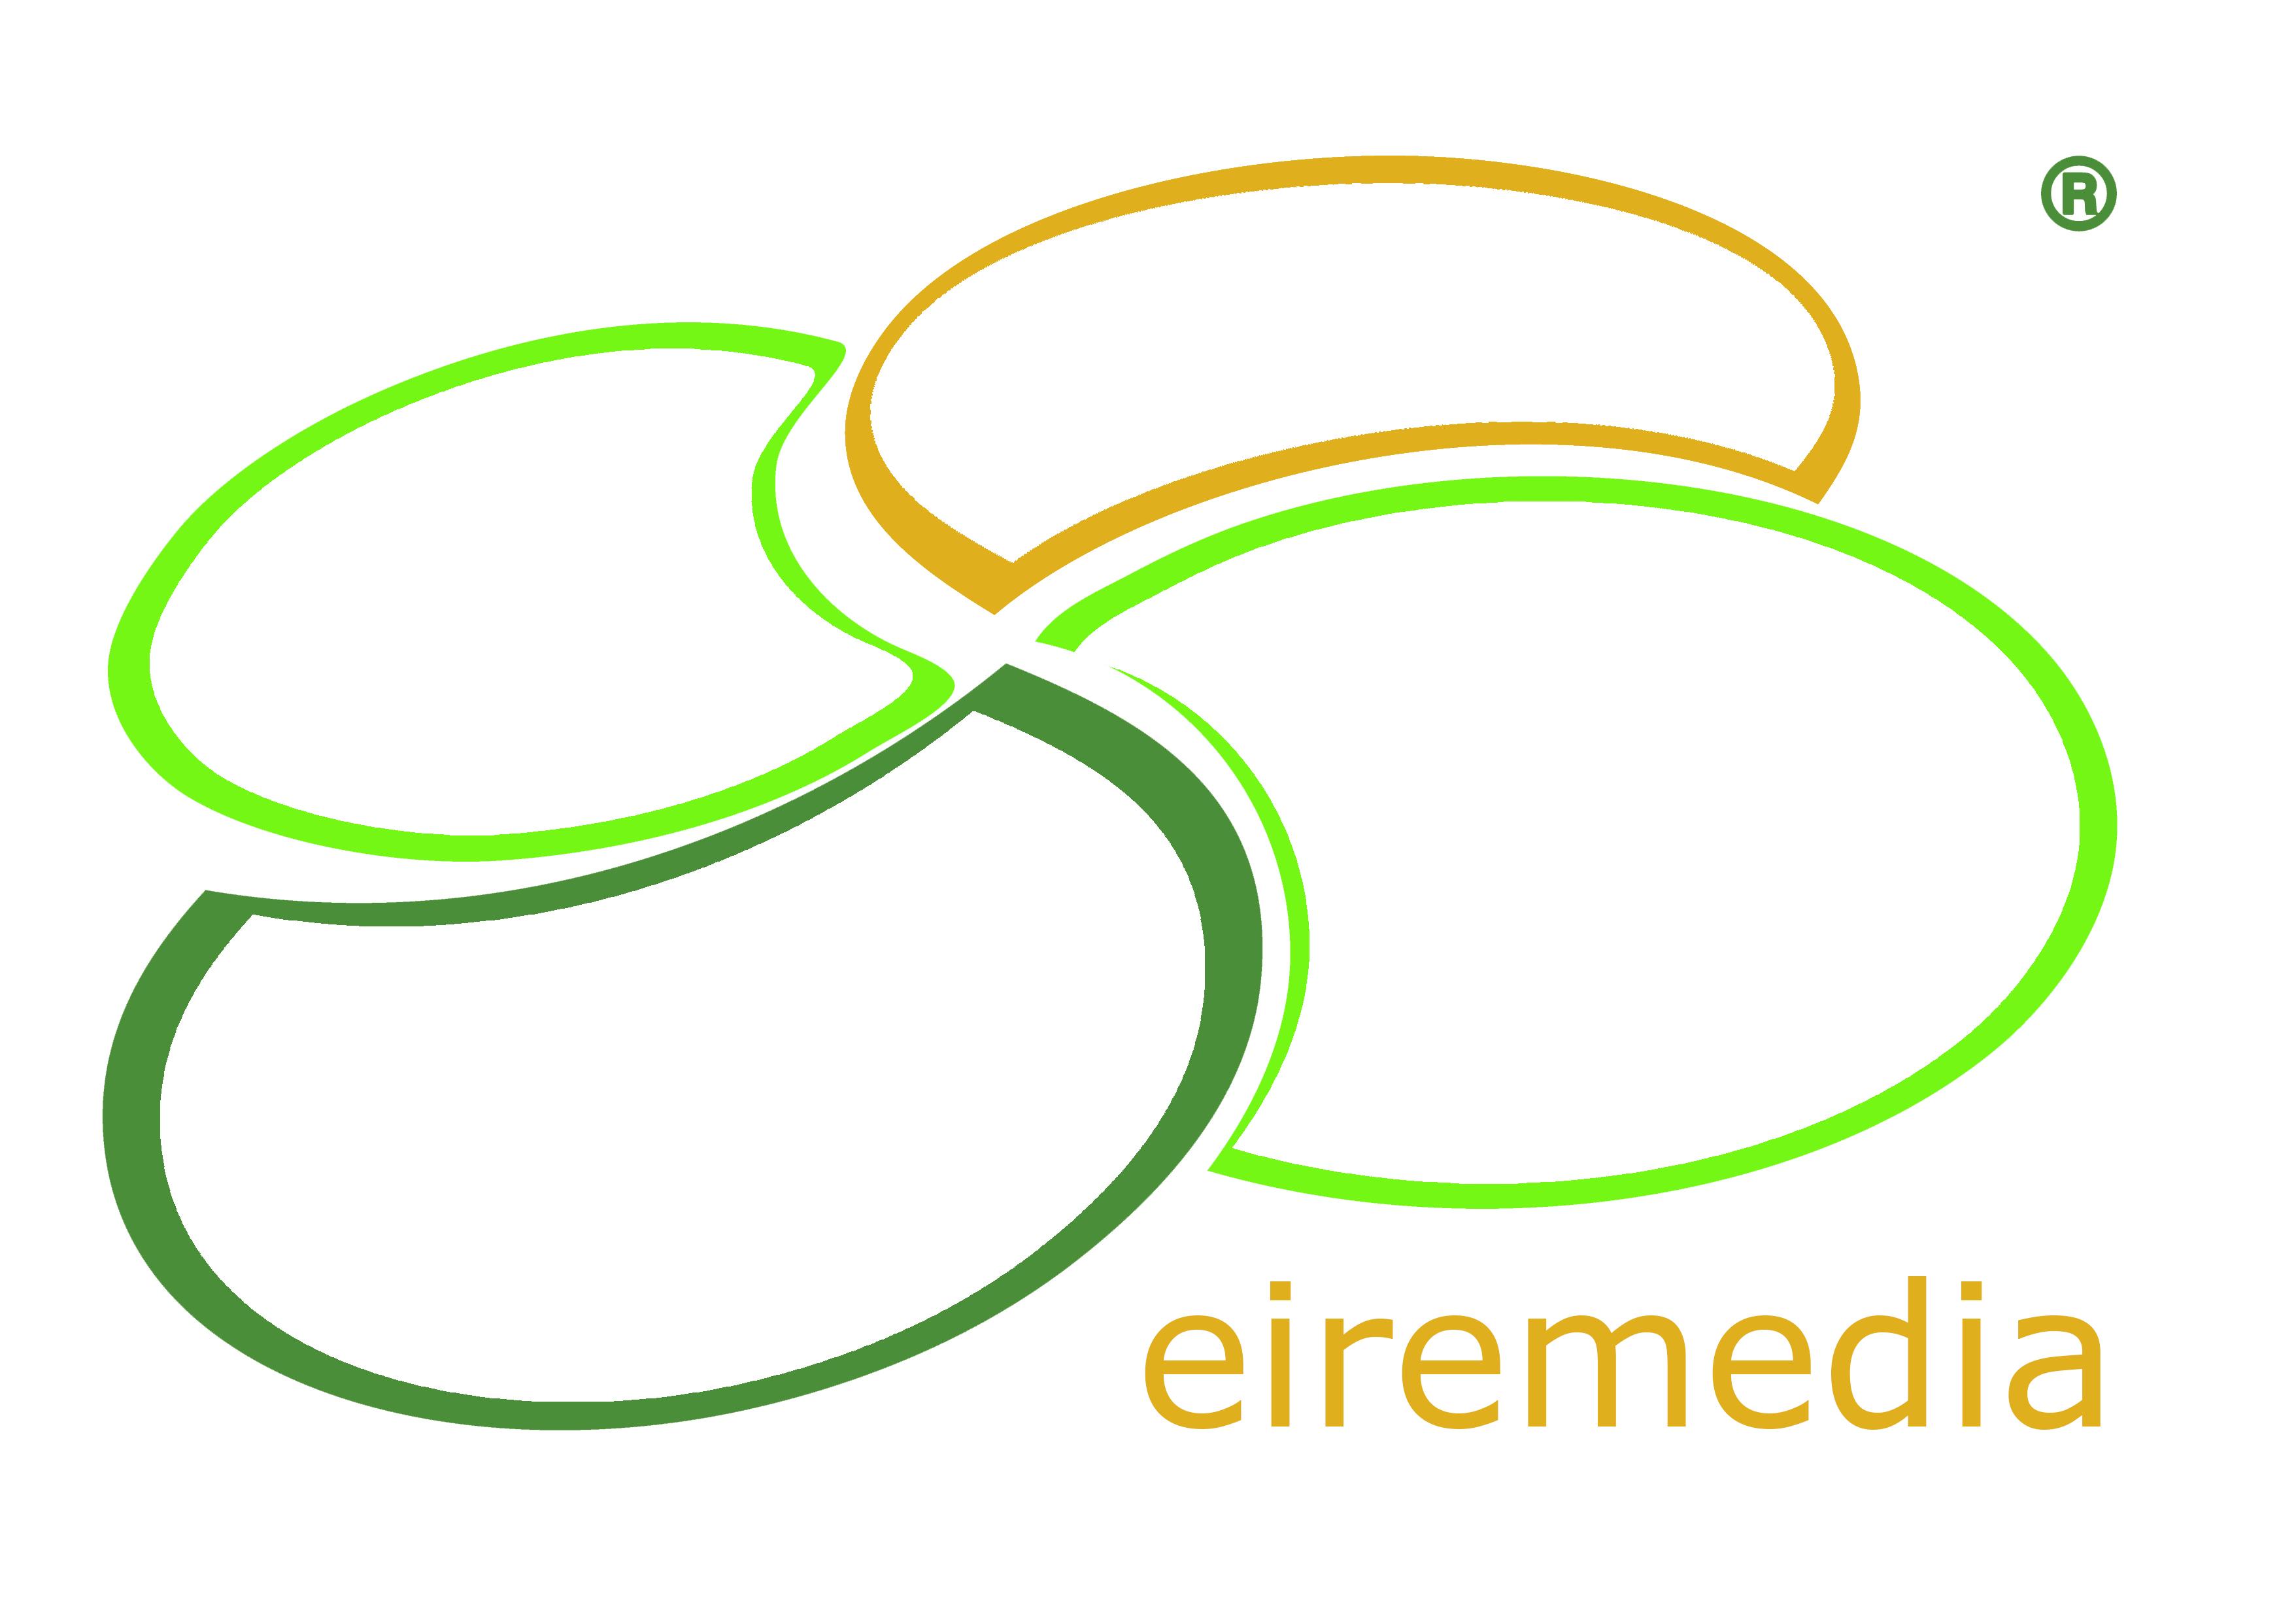 EIREMEDIA